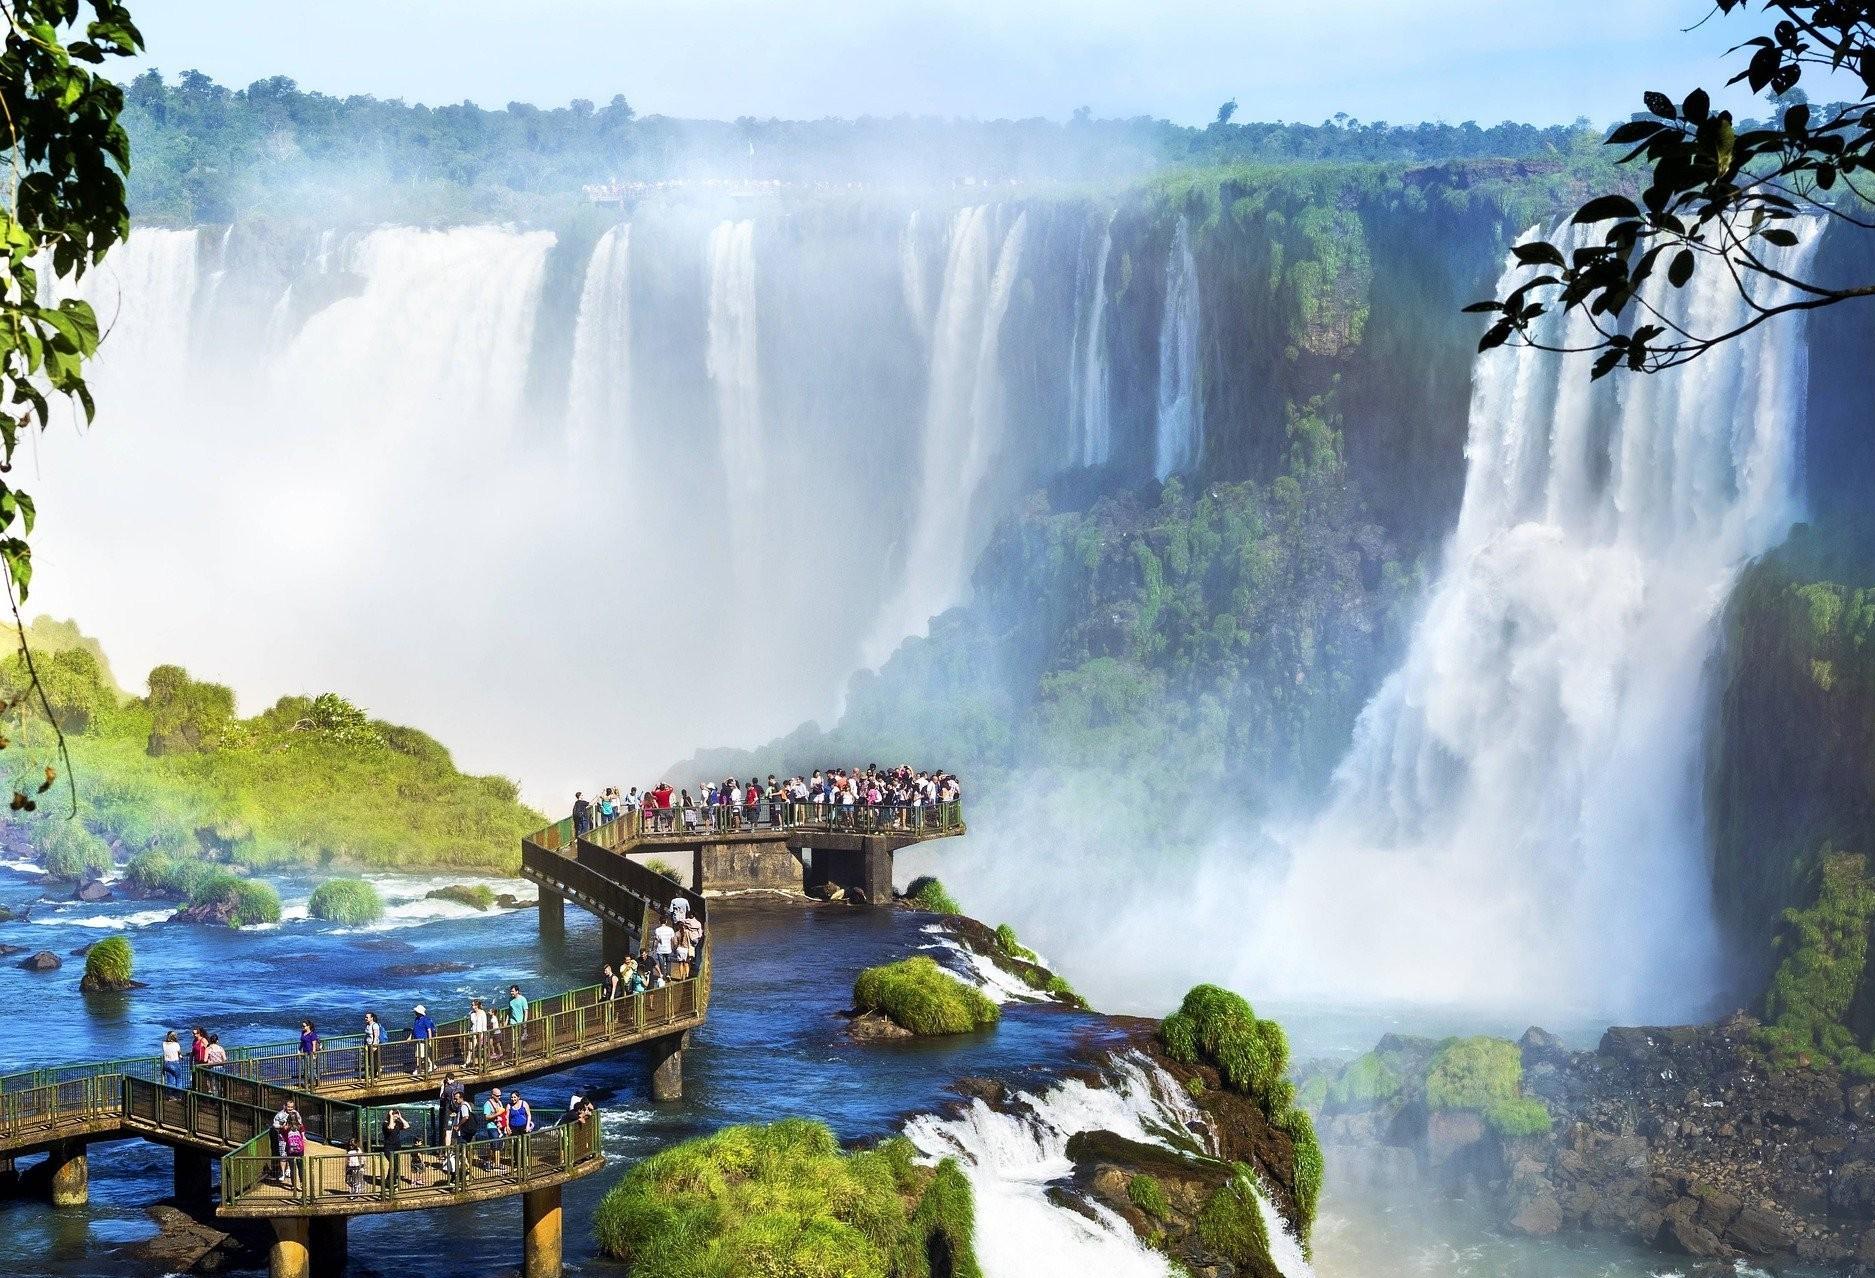 Atividades comerciais poderão voltar com 100% da capacidade de ocupação em Foz do Iguaçu